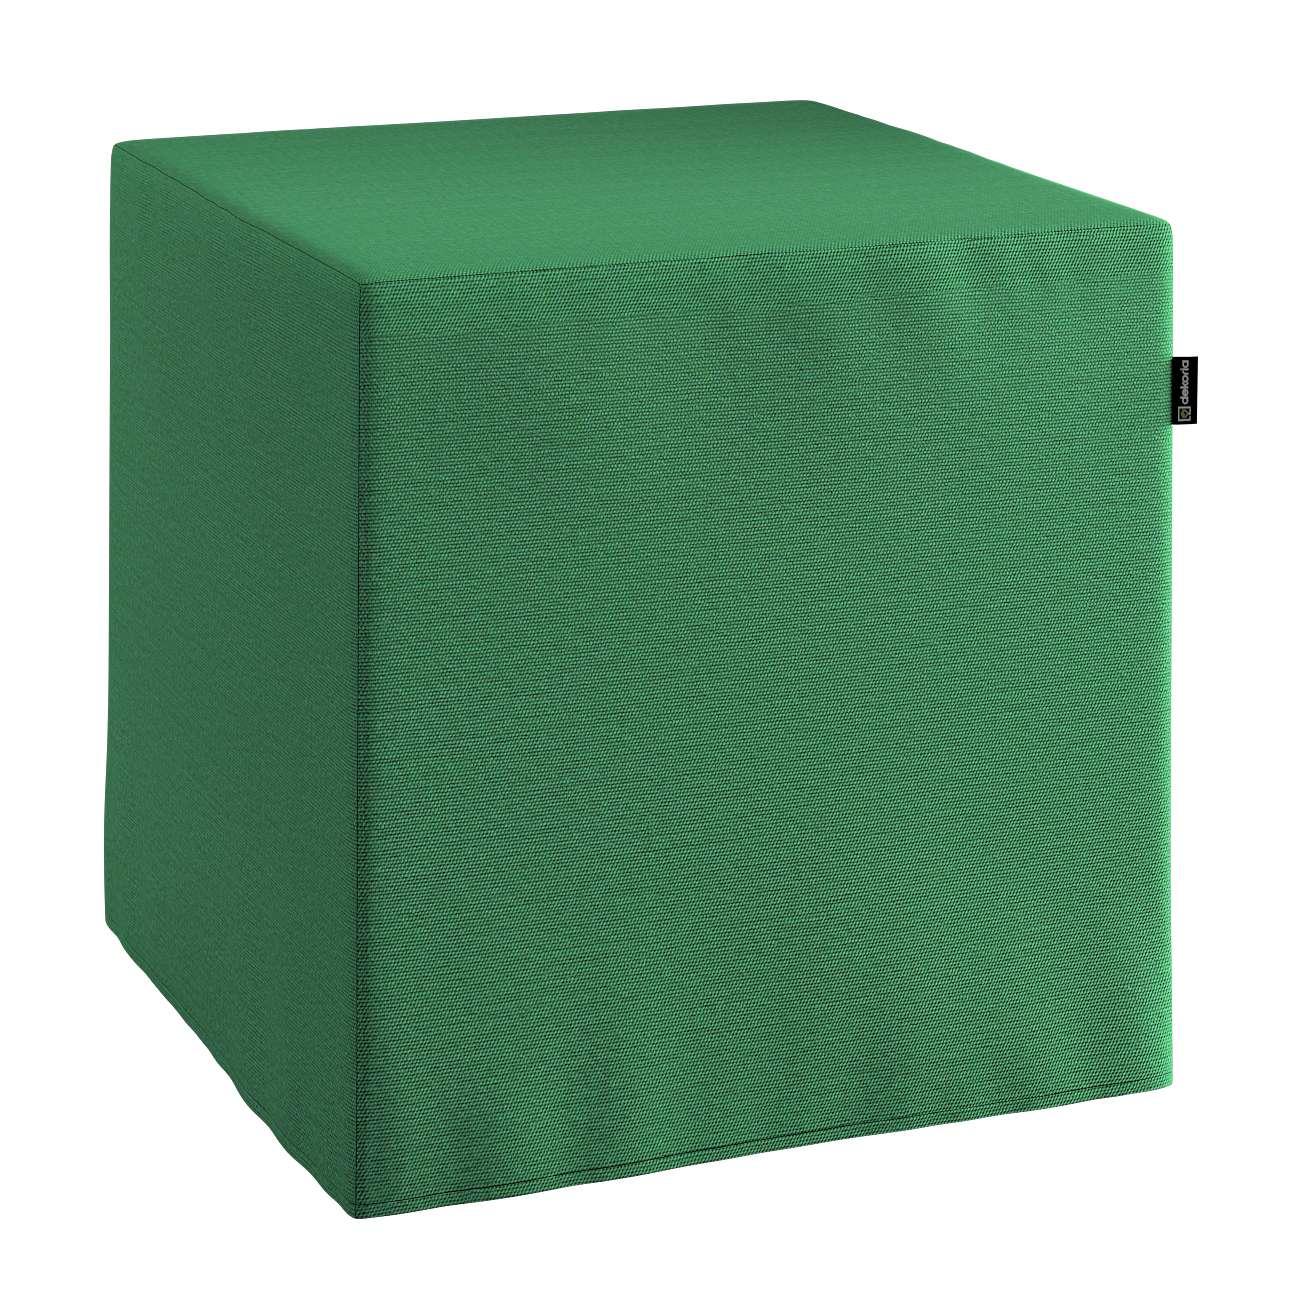 Bezug für Sitzwürfel Bezug für Sitzwürfel 40x40x40 cm von der Kollektion Loneta, Stoff: 133-18